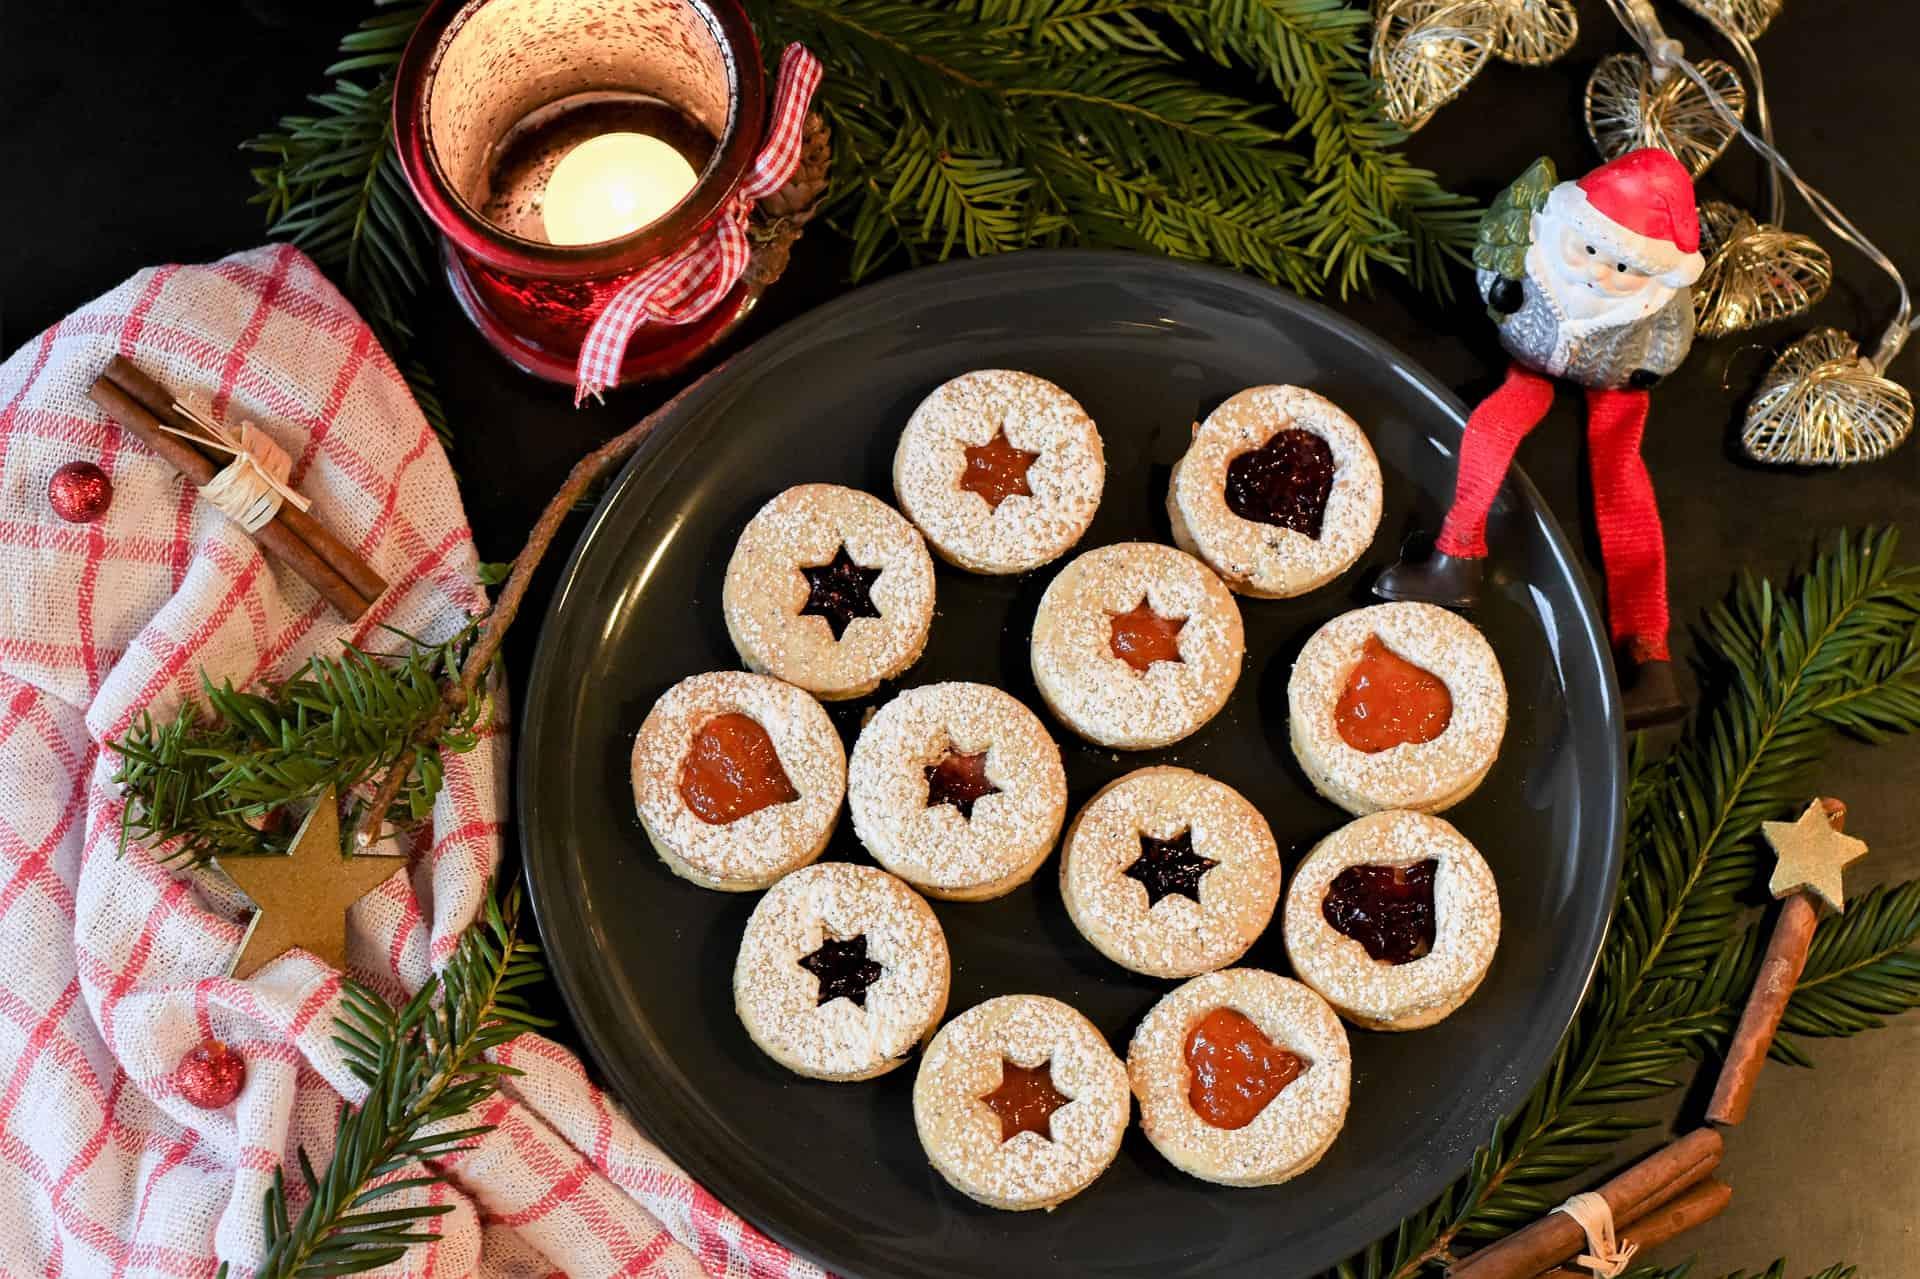 Le ricette di Anna Moroni per la vigilia di Natale: 9 ricette da fare in casa